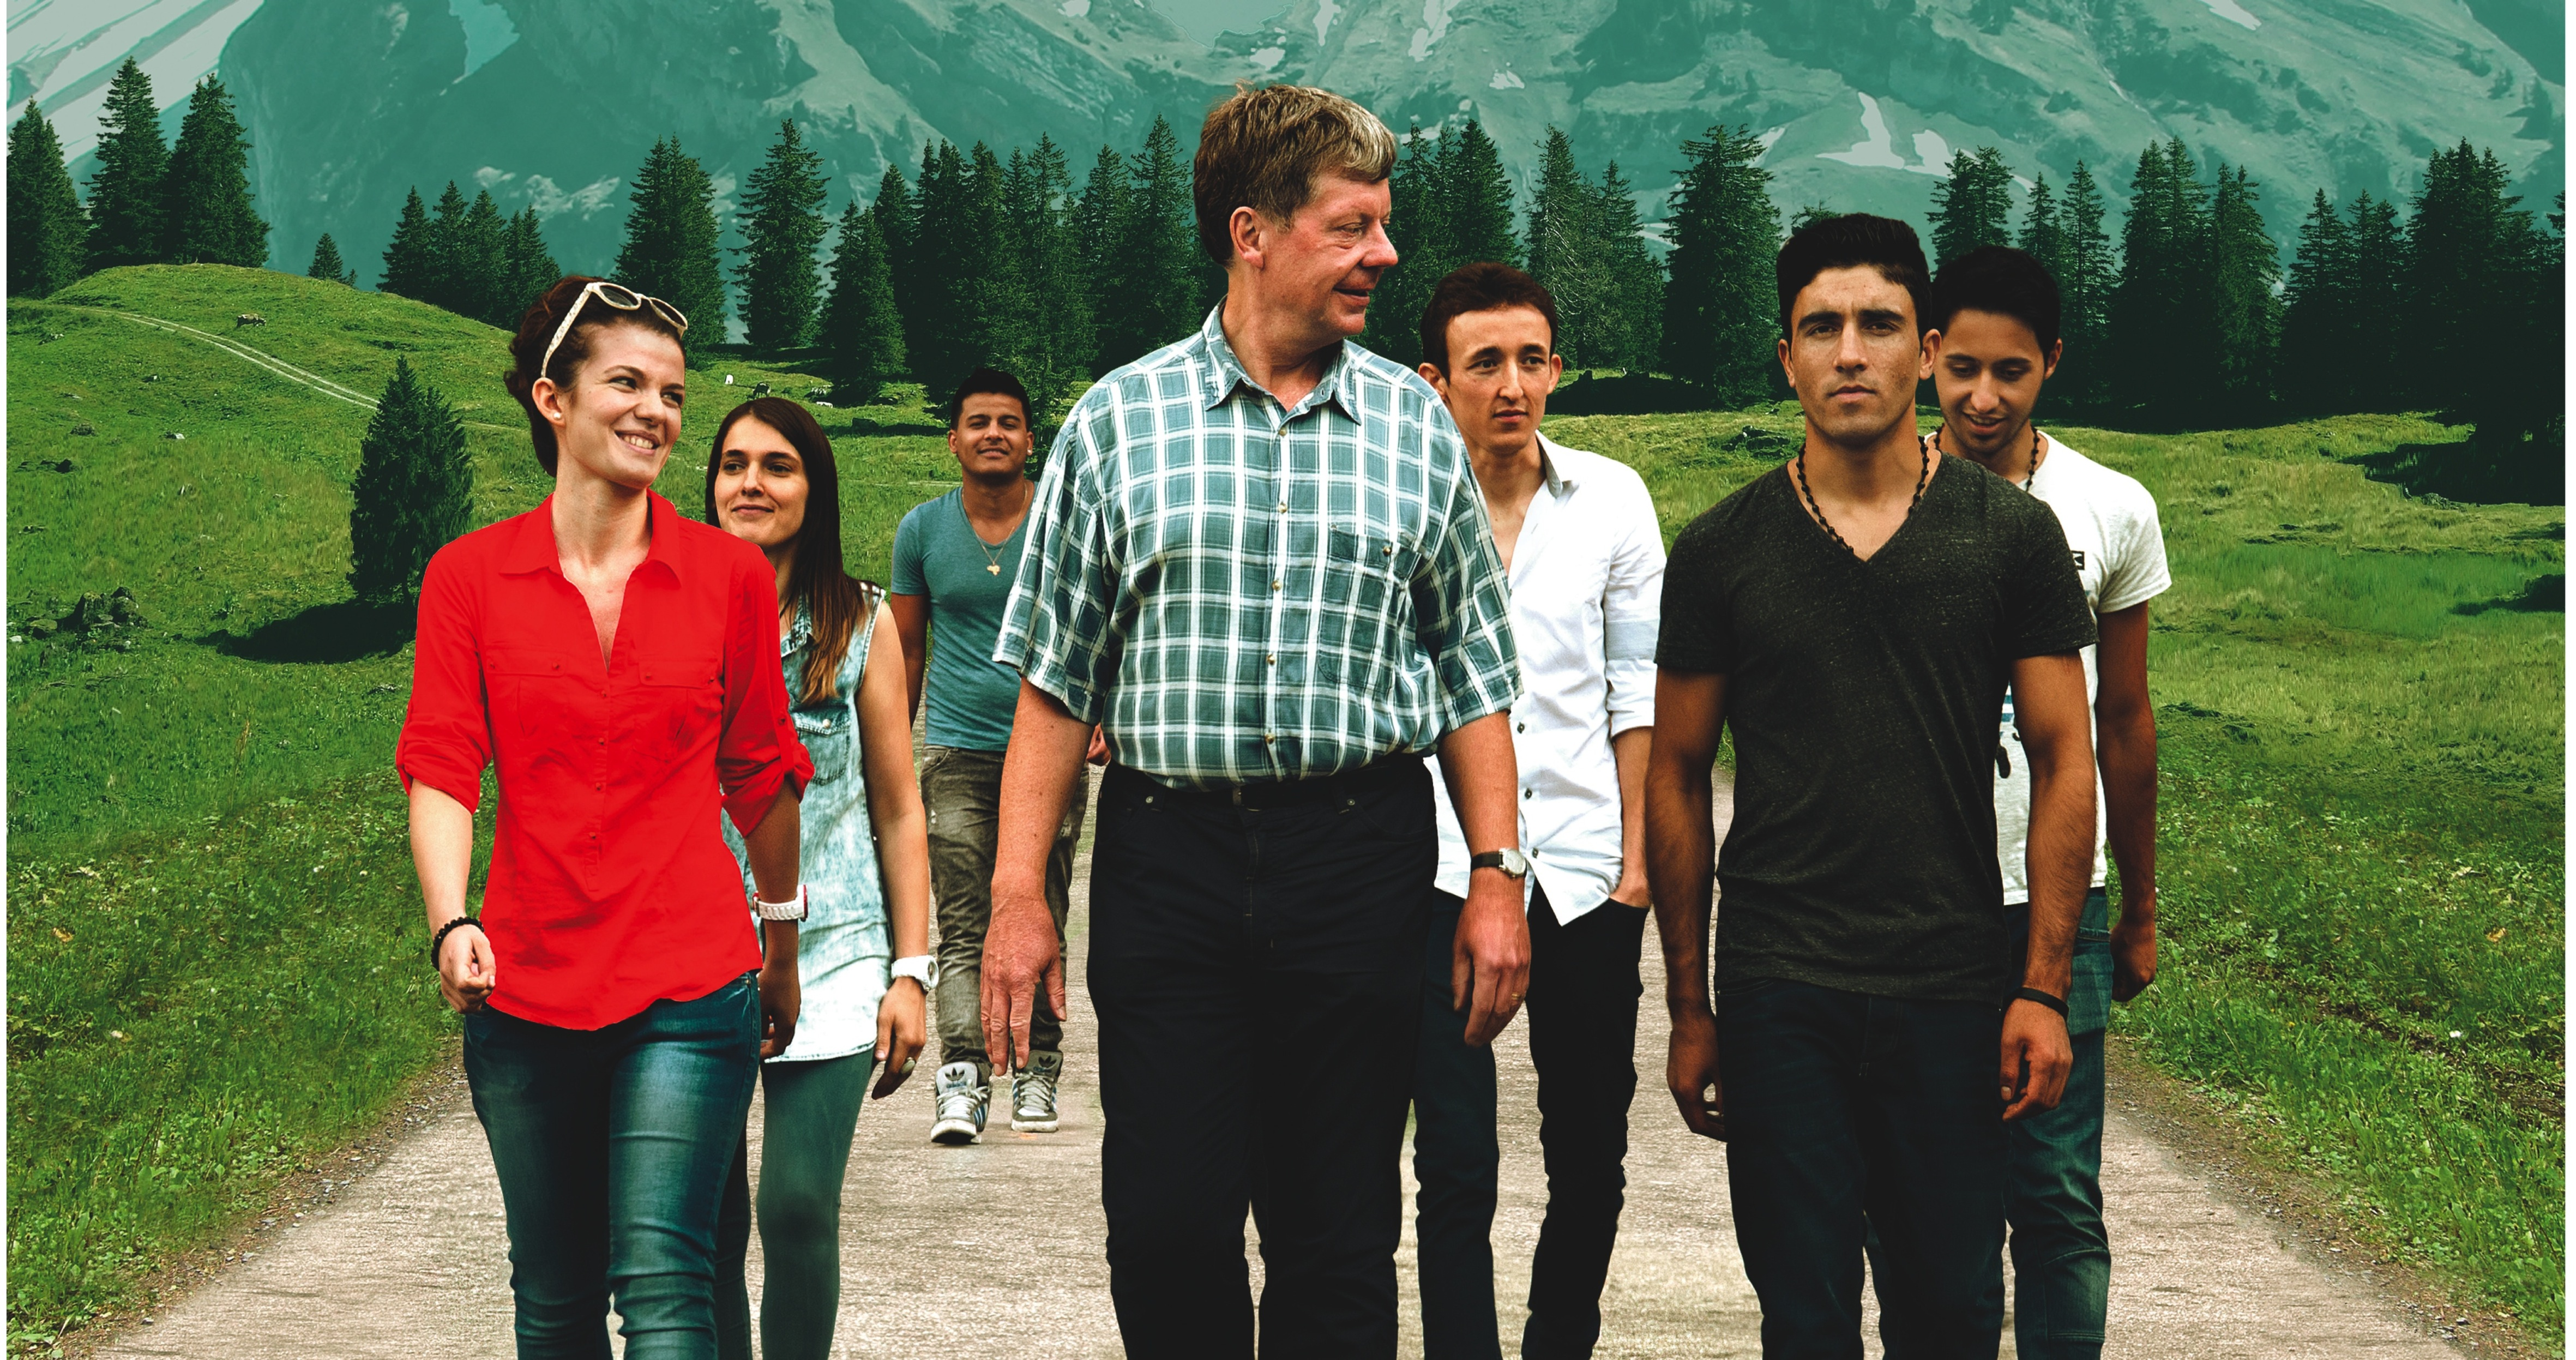 Herr Zingg und seine Schüler machen einen Ausflug in die Berge. (Foto: RiseandShine)